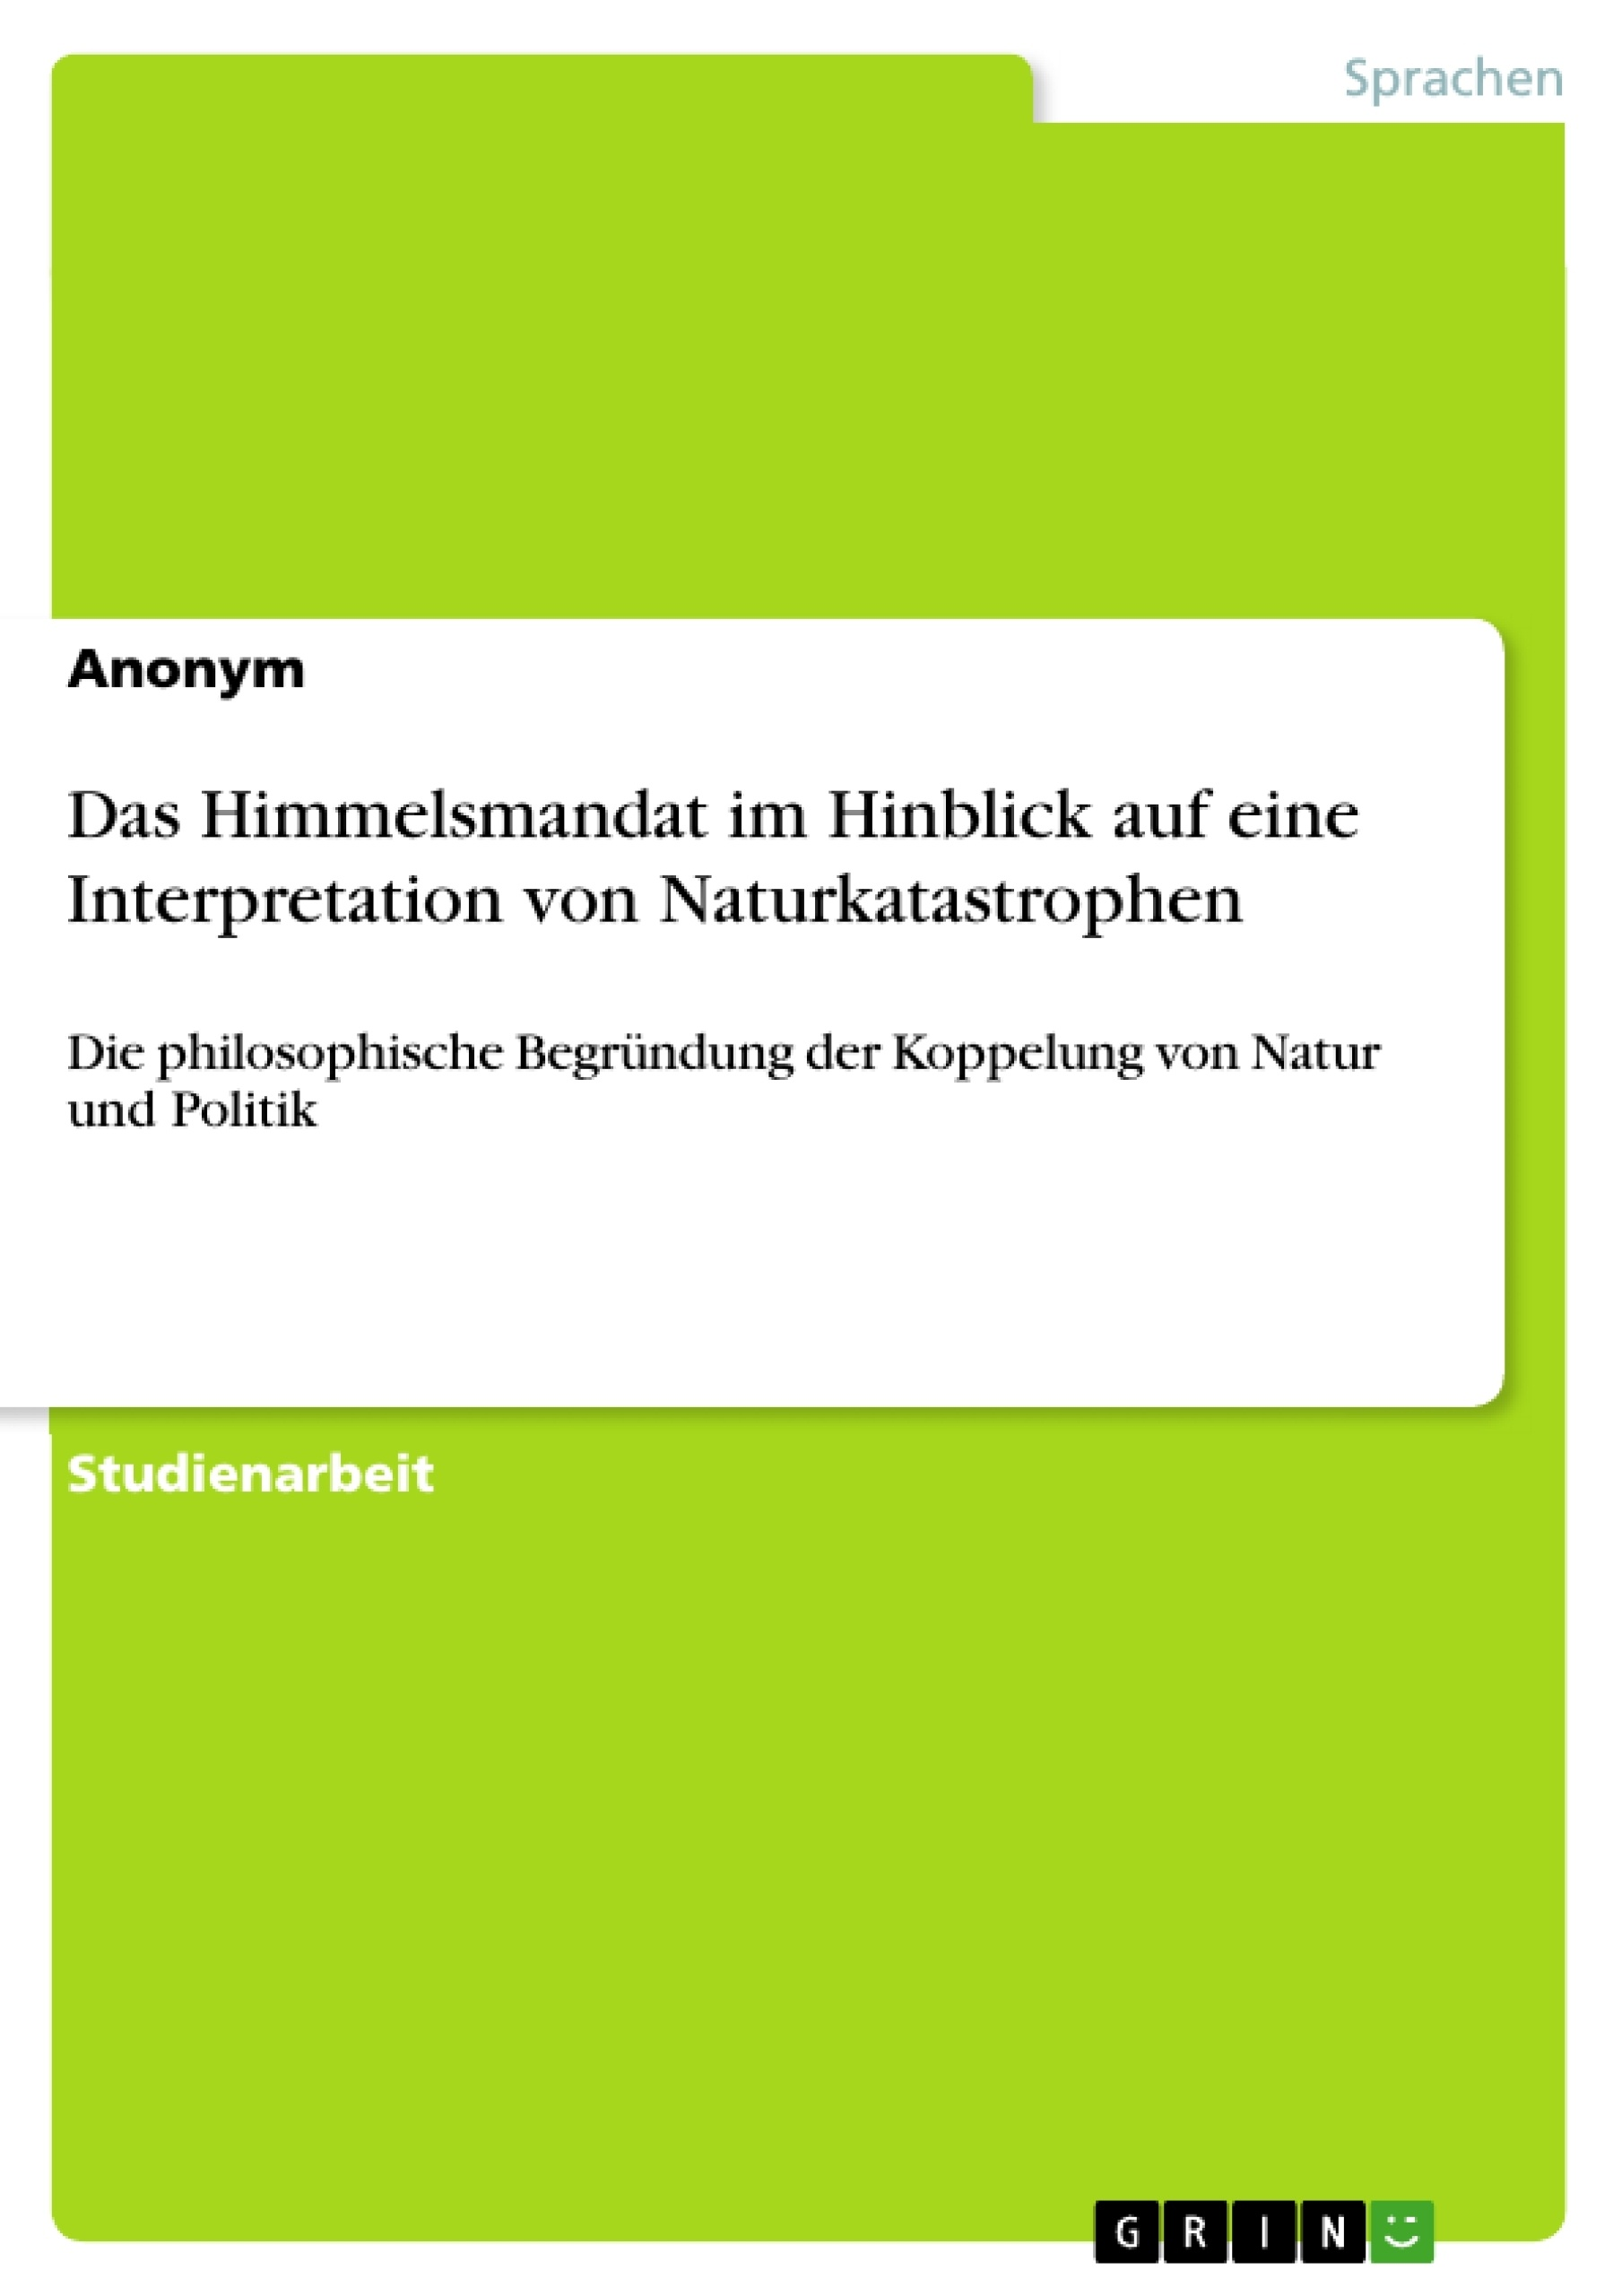 Titel: Das Himmelsmandat im Hinblick auf eine Interpretation von Naturkatastrophen